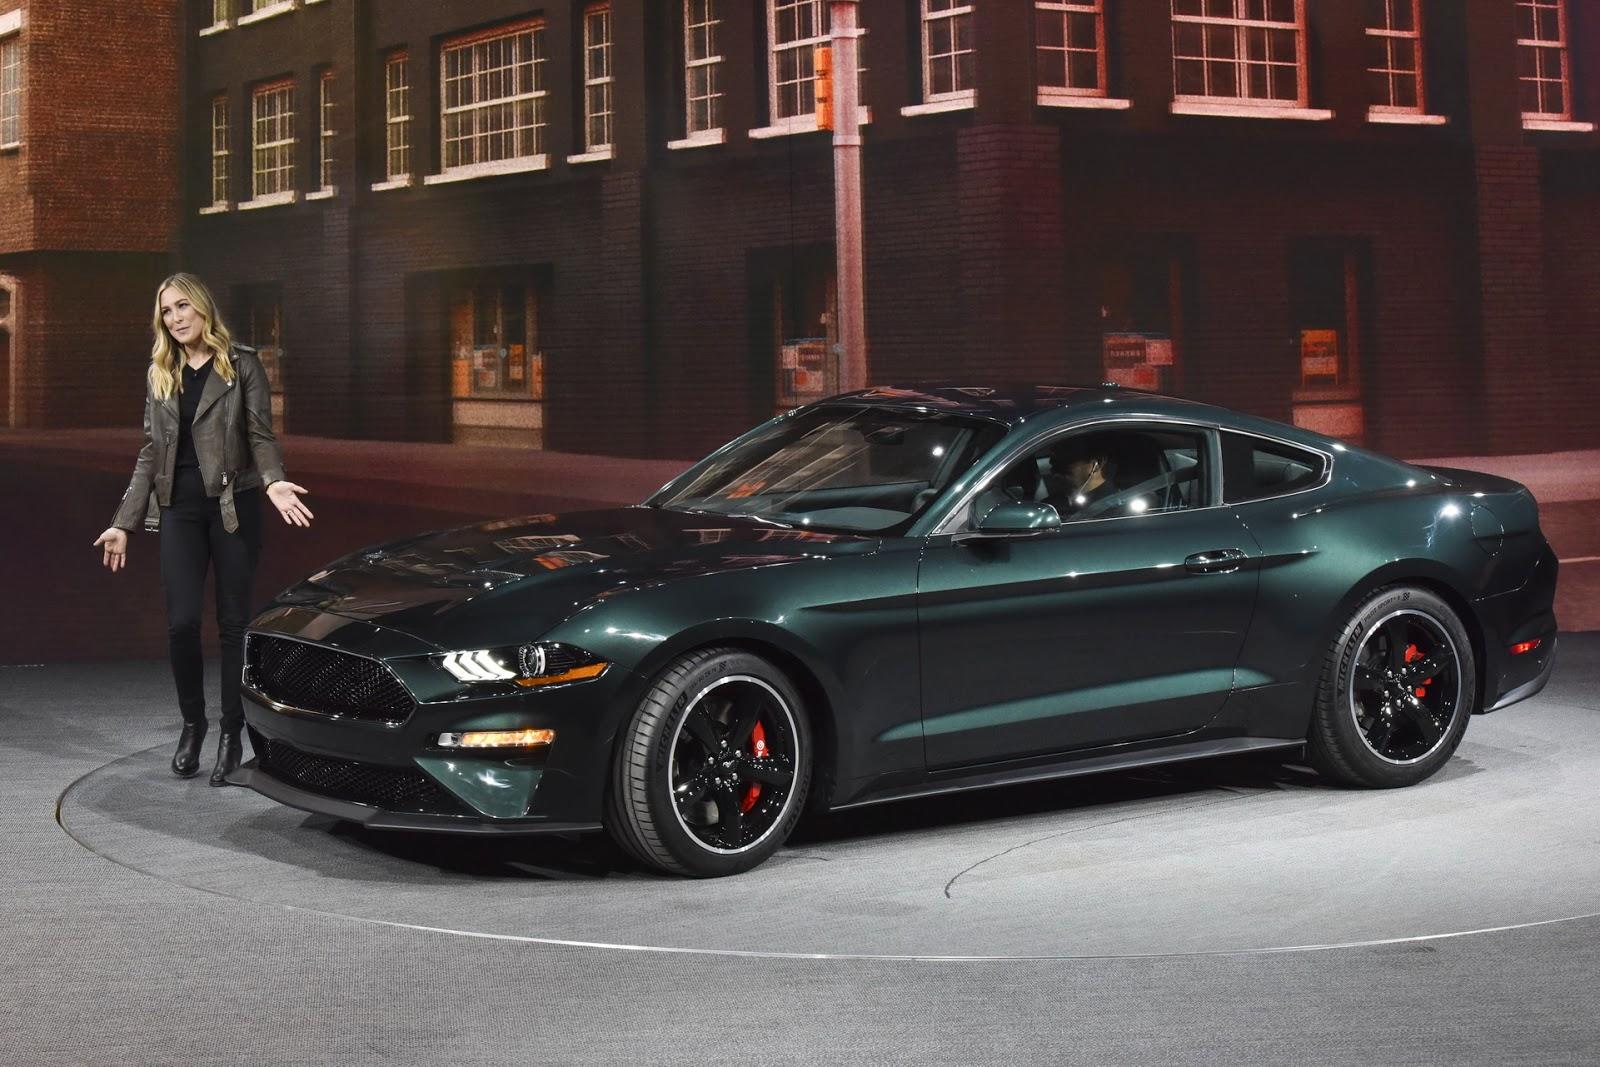 2019-Ford-Bullitt-04.jpg